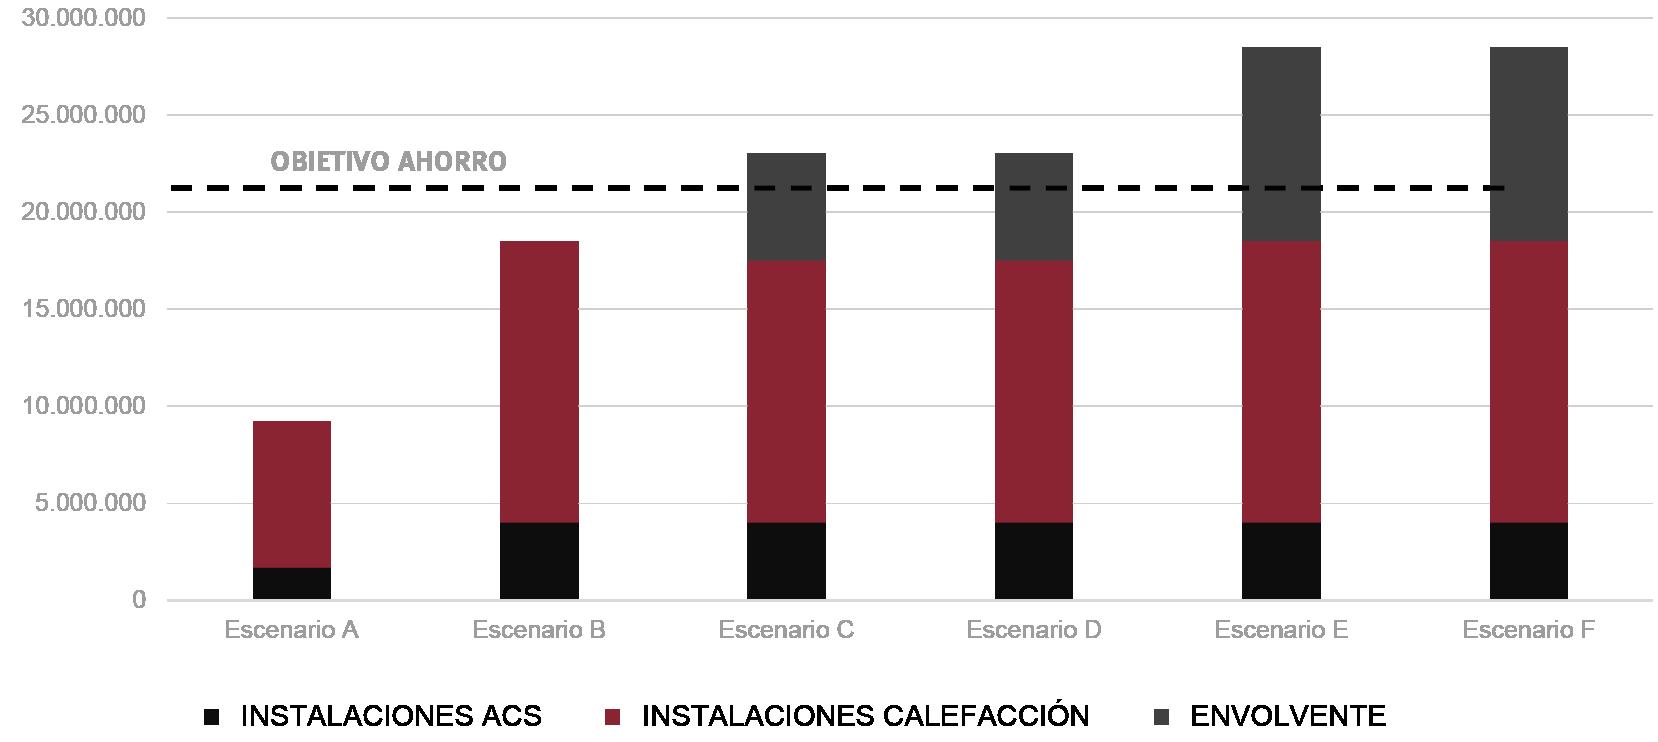 Fig. 20a/ Resultados Energéticos (MWh): Ahorros totales a 2030.